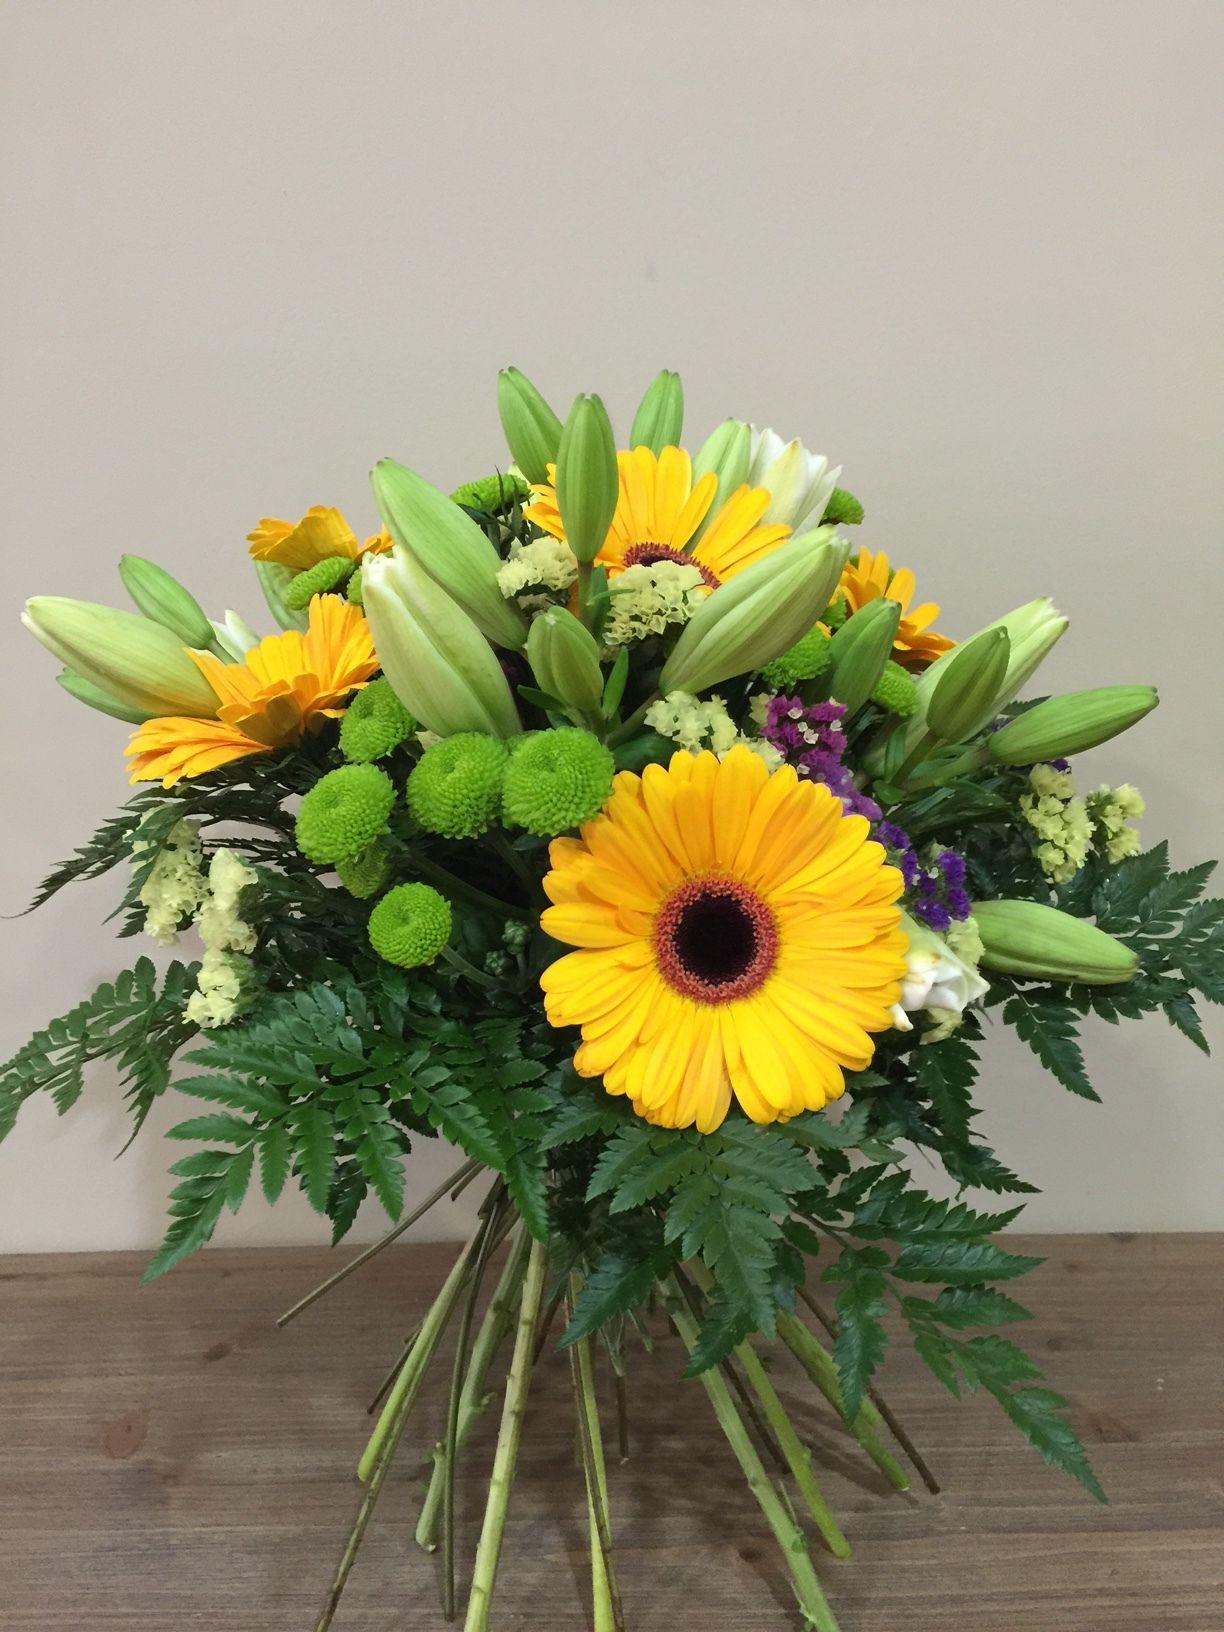 Excelente bouquet elaborado con flores de gran calidad y frescura,tonos alegres y naturales. Flores de temporada, gerbera,lilium, margarita.  Atención al clienteinfo@lesflorsdenuria.com